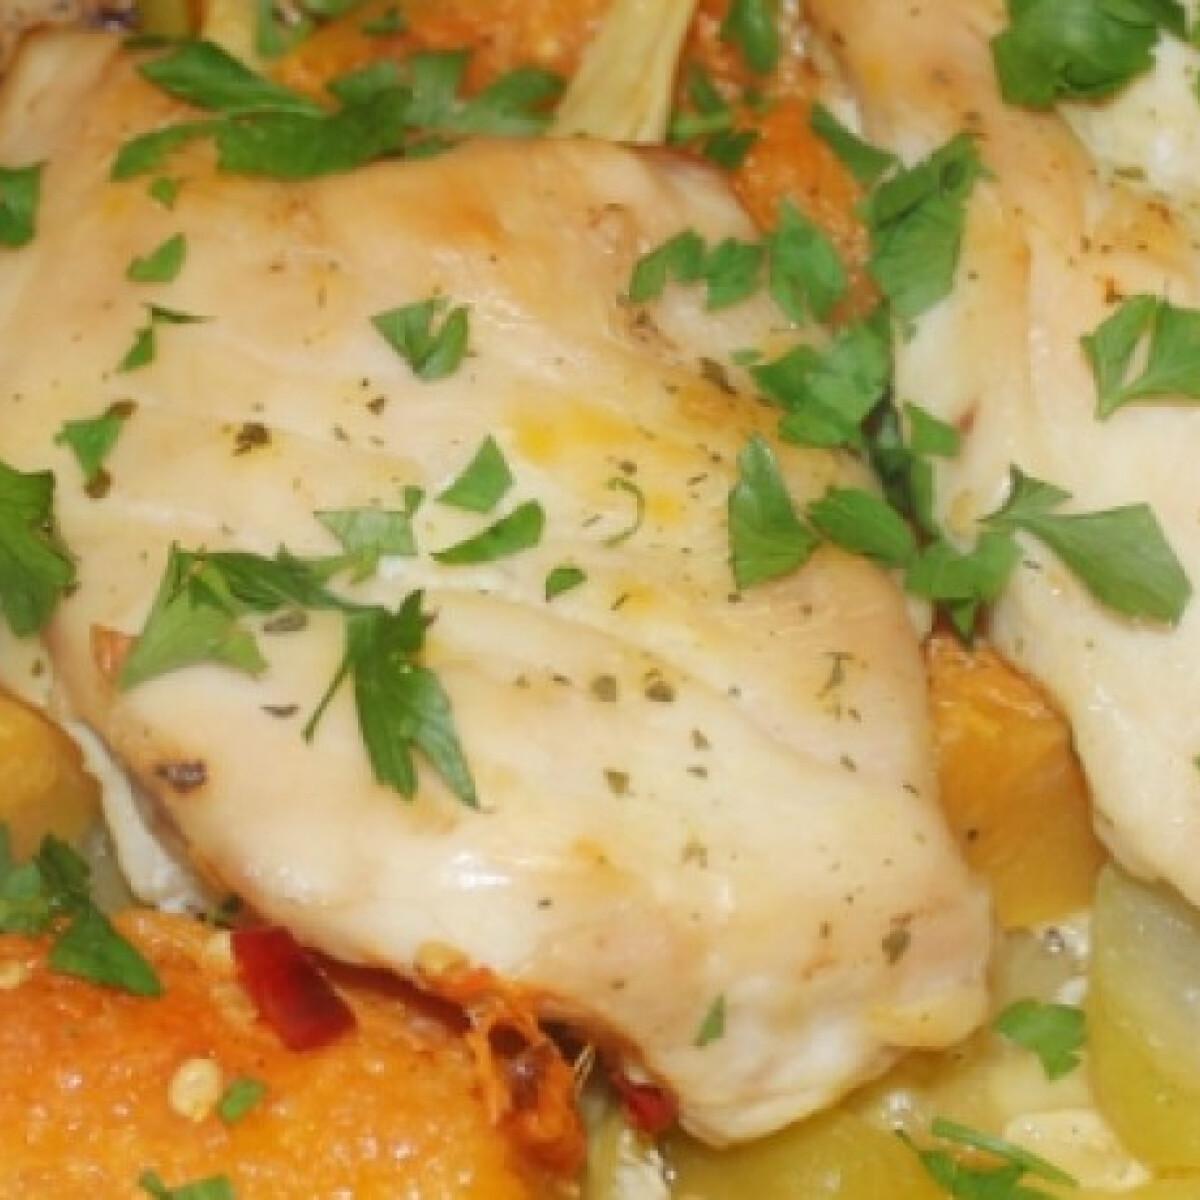 Ezen a képen: Sütőpapírbatyuban sült csirke